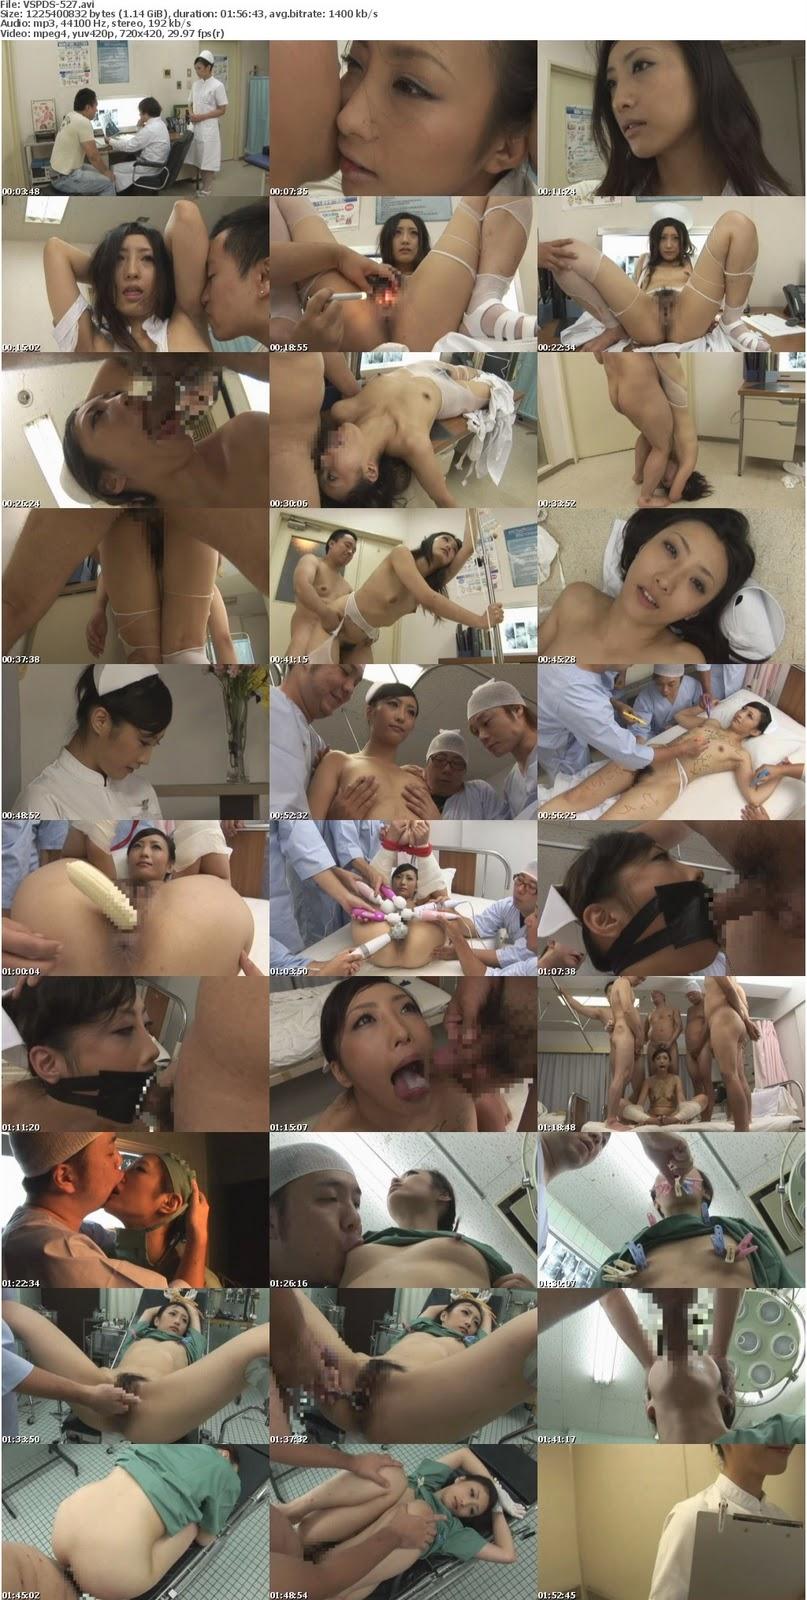 videoz porn: